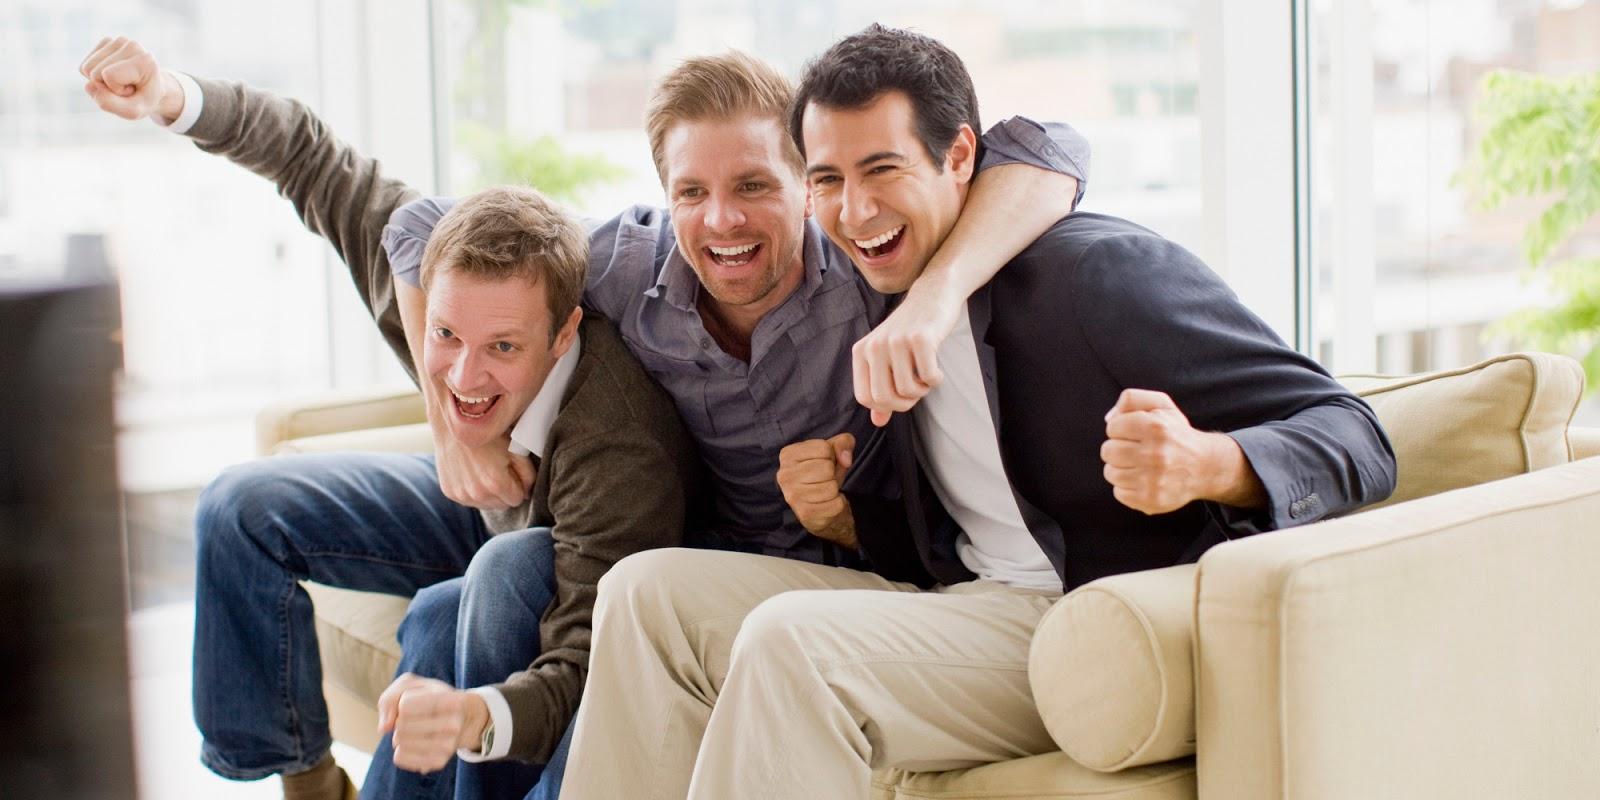 человек картинка троих друзей букеты-заколки, заколки